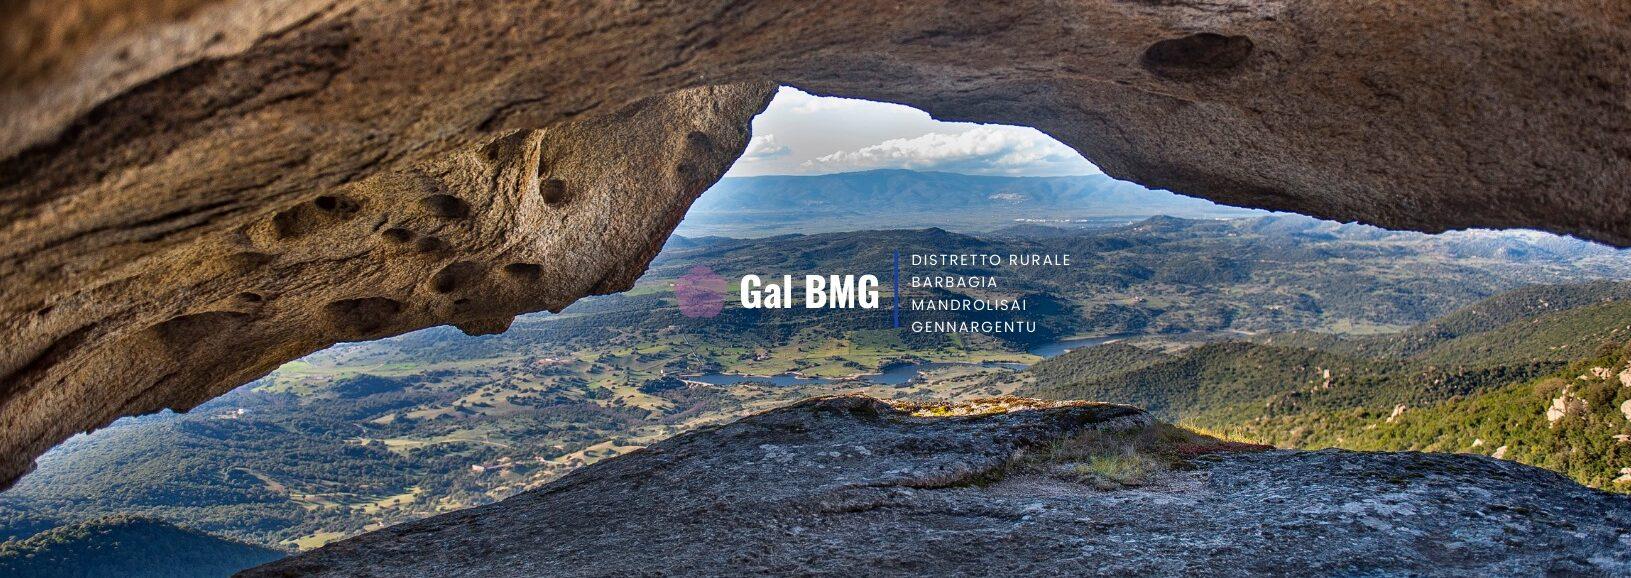 GAL BMG